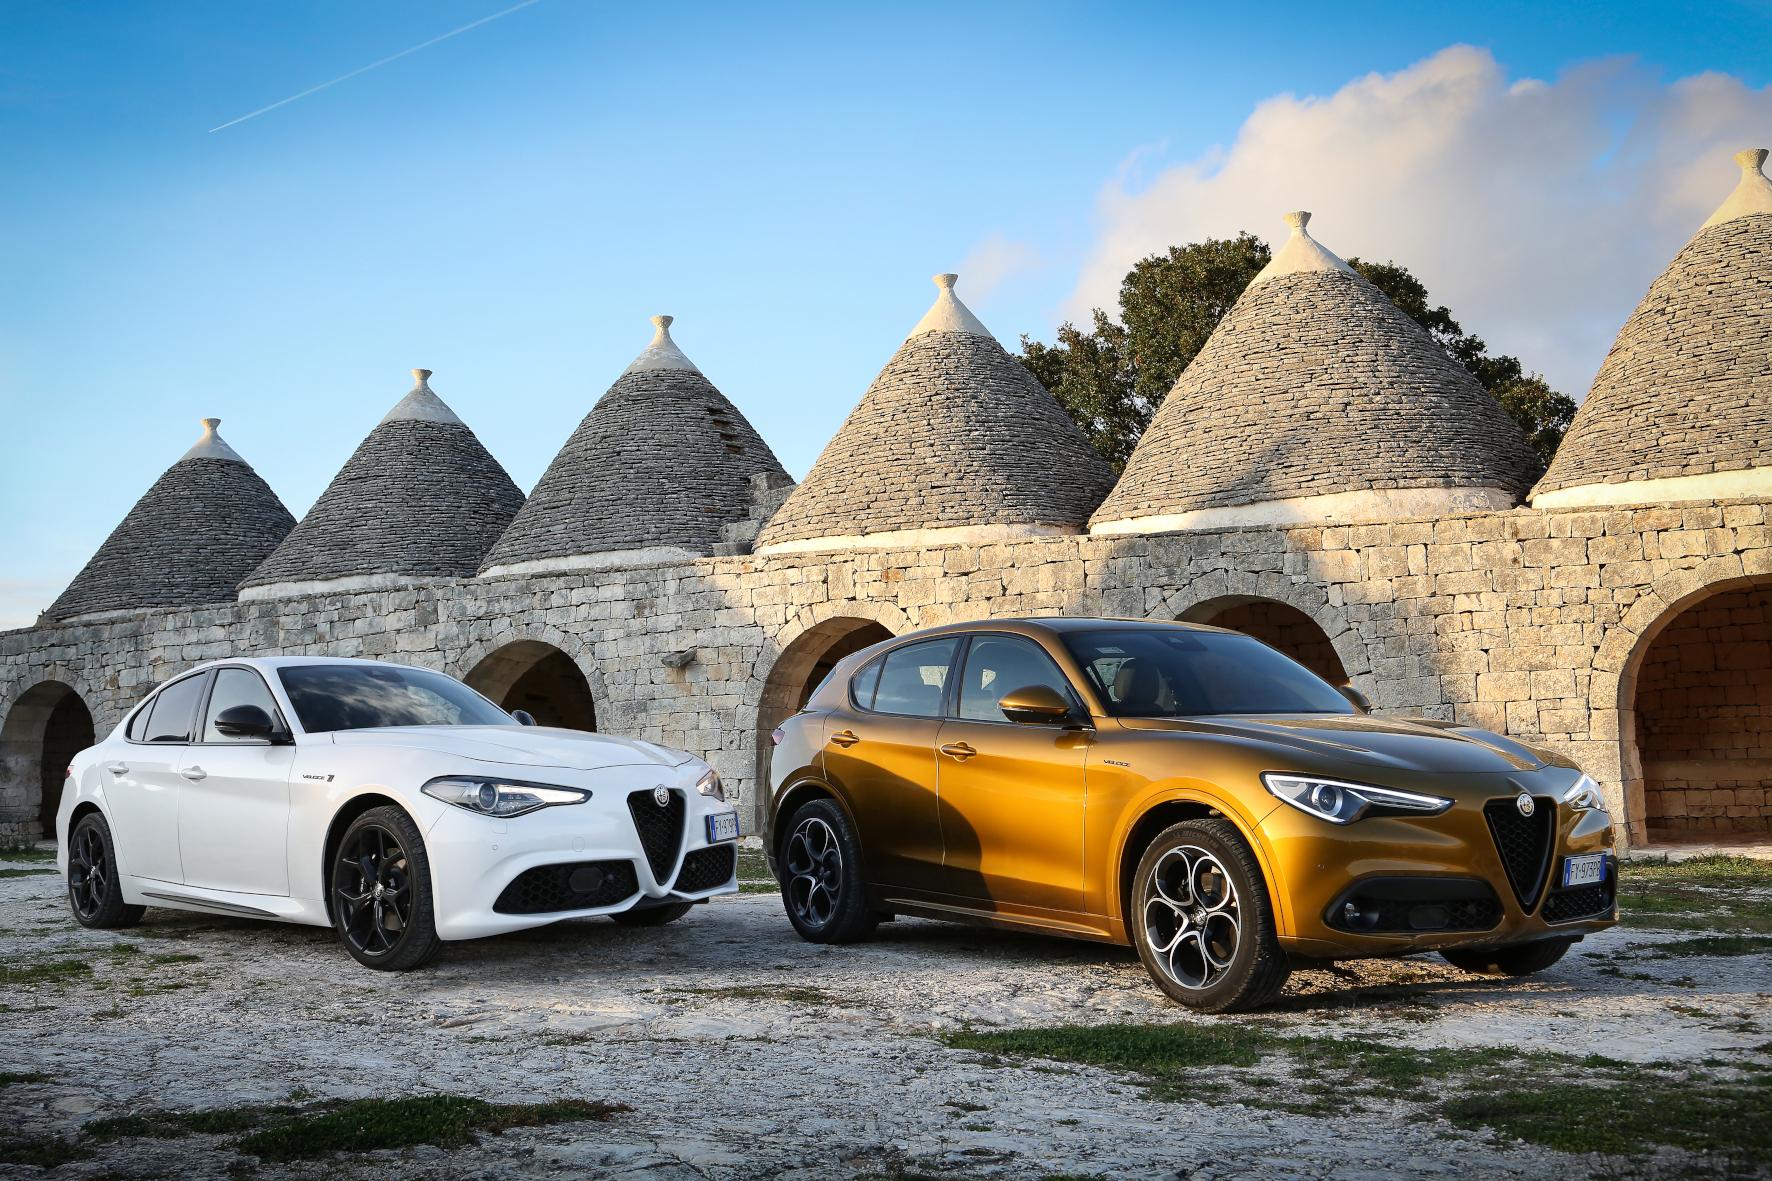 mid Bari - Kraftvolles Duo im Morgenlicht: Alfa Romeo Giulia und Stelvio bleiben äußerlich unverändert. FCA